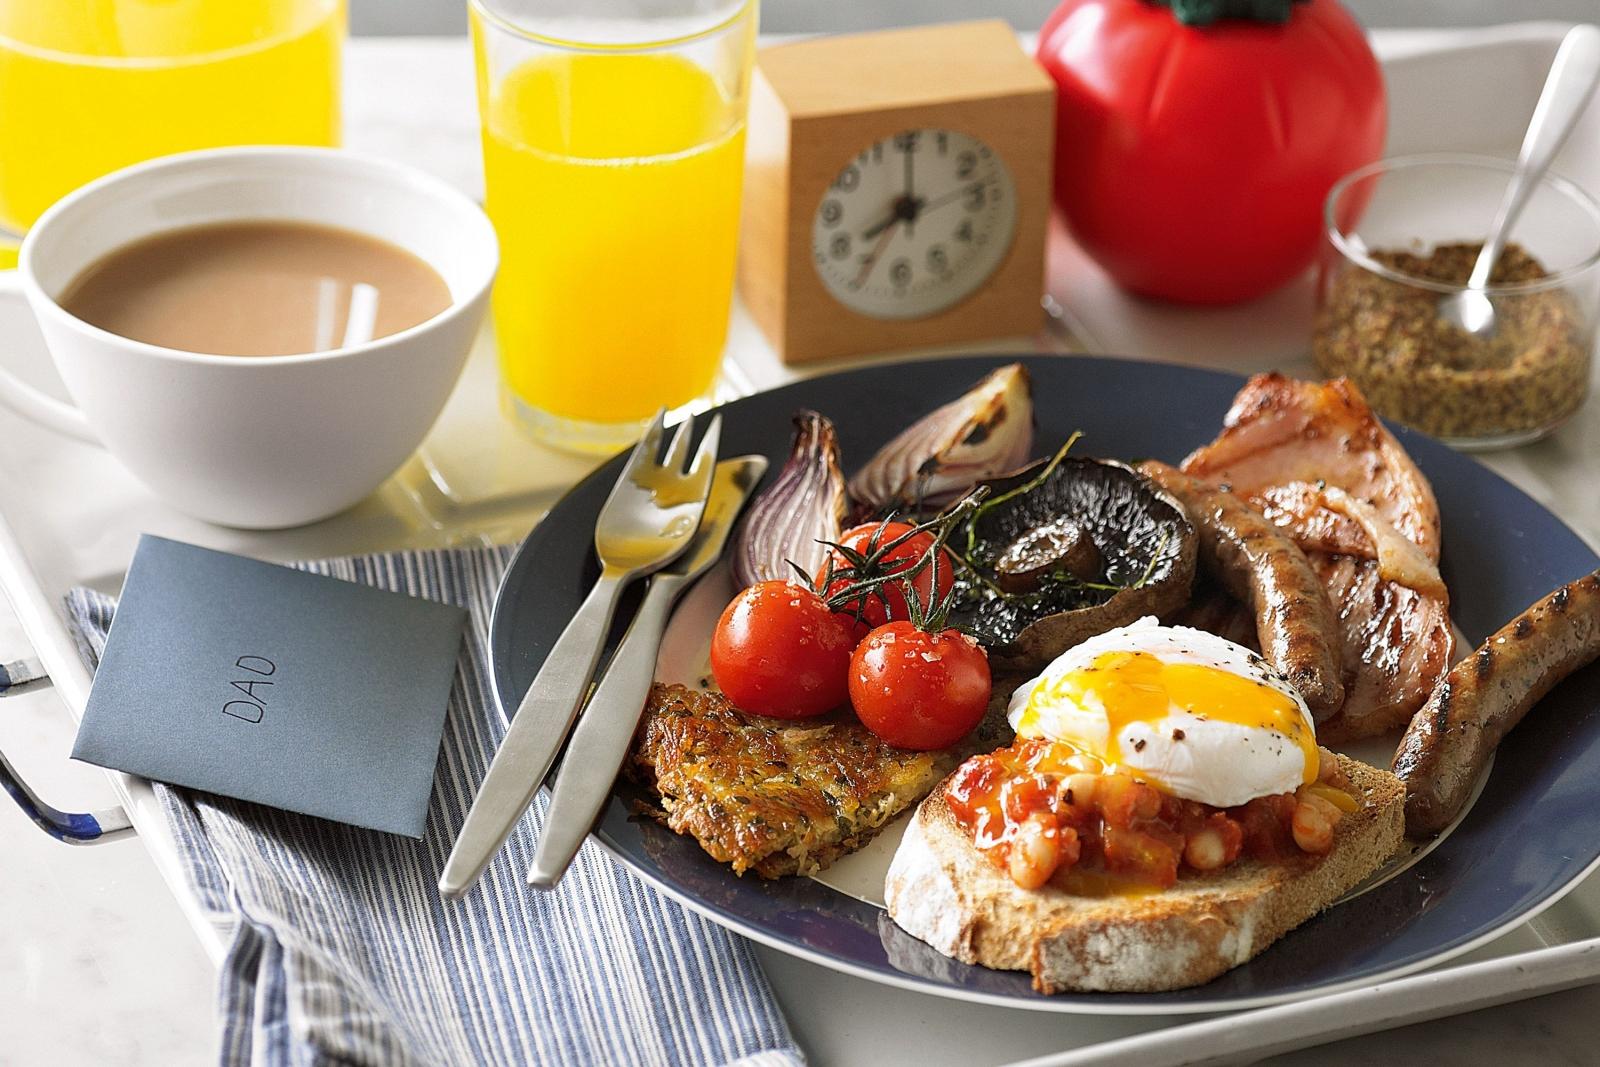 بهترین غذاهایی که میتوان به عنوان صبحانه خورد، کدامند؟